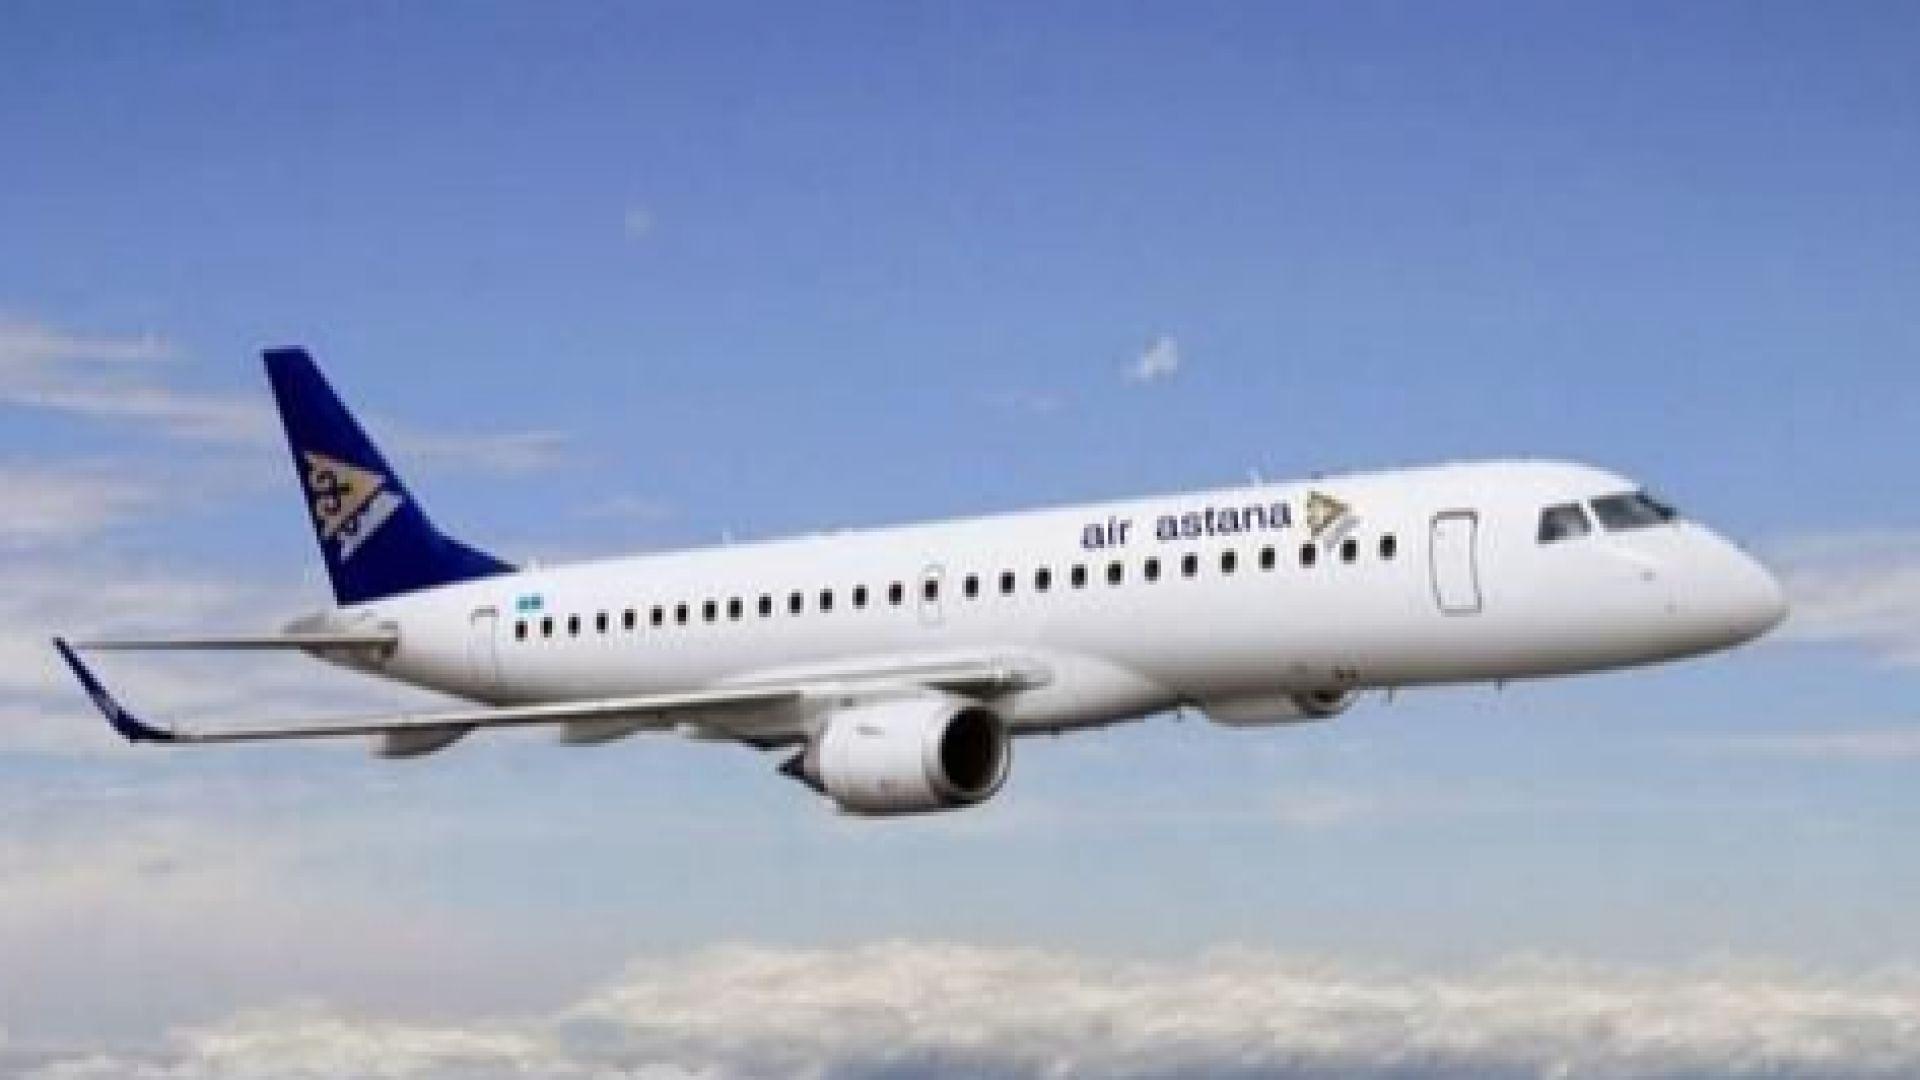 Одобриха спогодба за въздушен транспорт между България и Казахстан